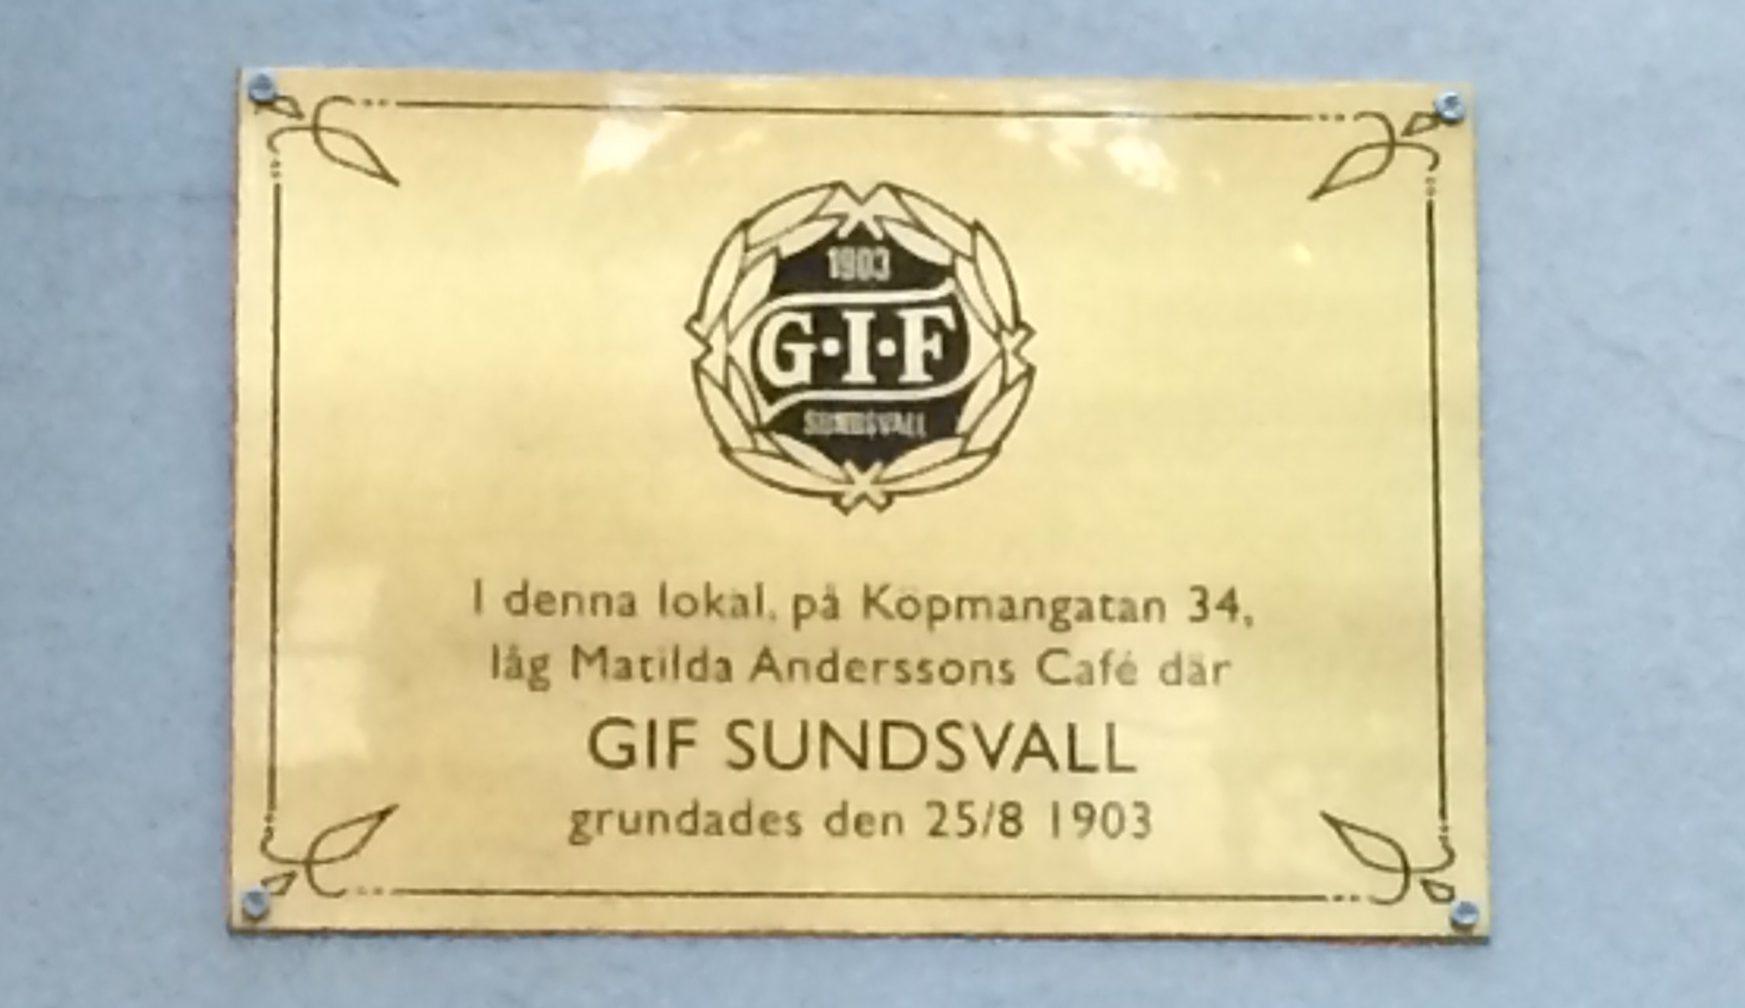 Minnesplattan på Köpmangatan 34 där Mathilda Anderssons kafé låg och GIF Sundsvall bildades 1903.